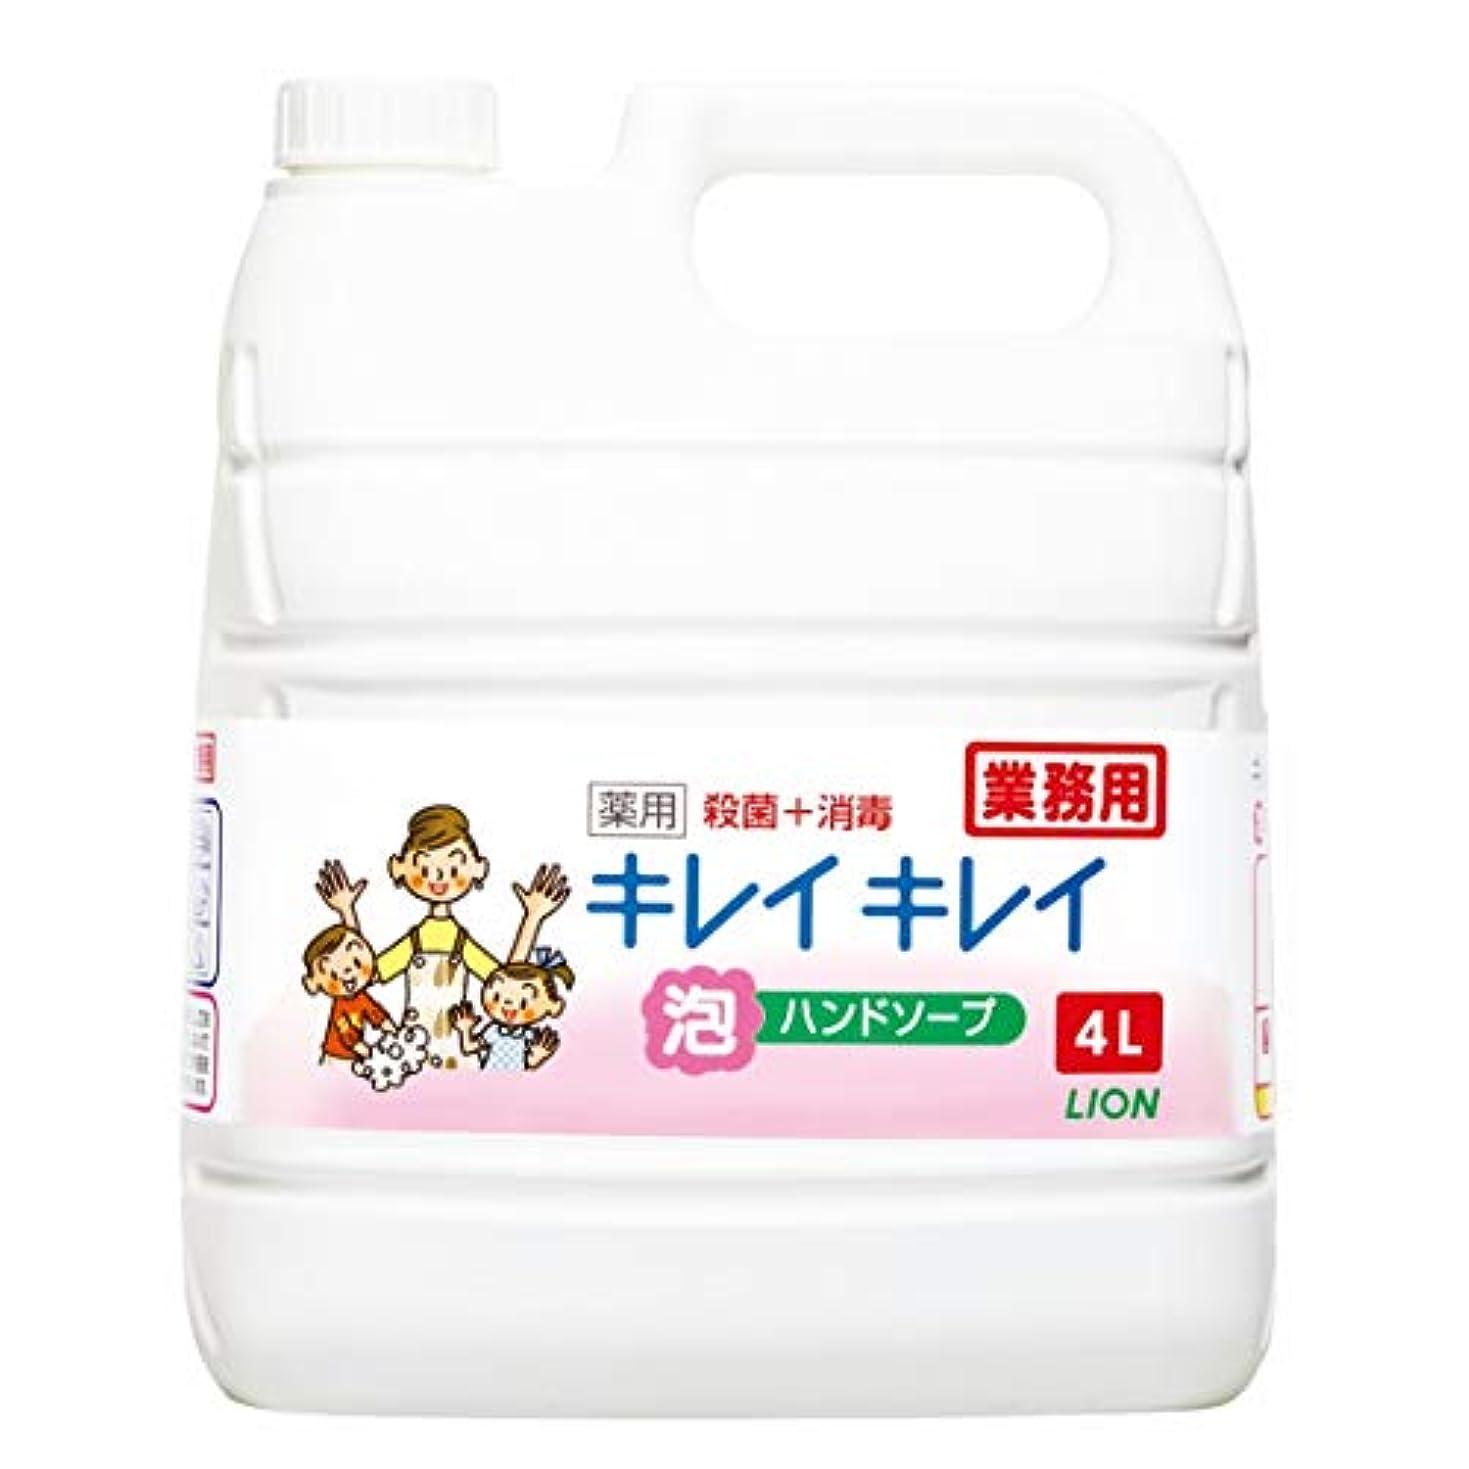 してはいけないシャイクスコ【業務用 大容量】キレイキレイ 薬用 泡ハンドソープ シトラスフルーティの香り 4L(医薬部外品)